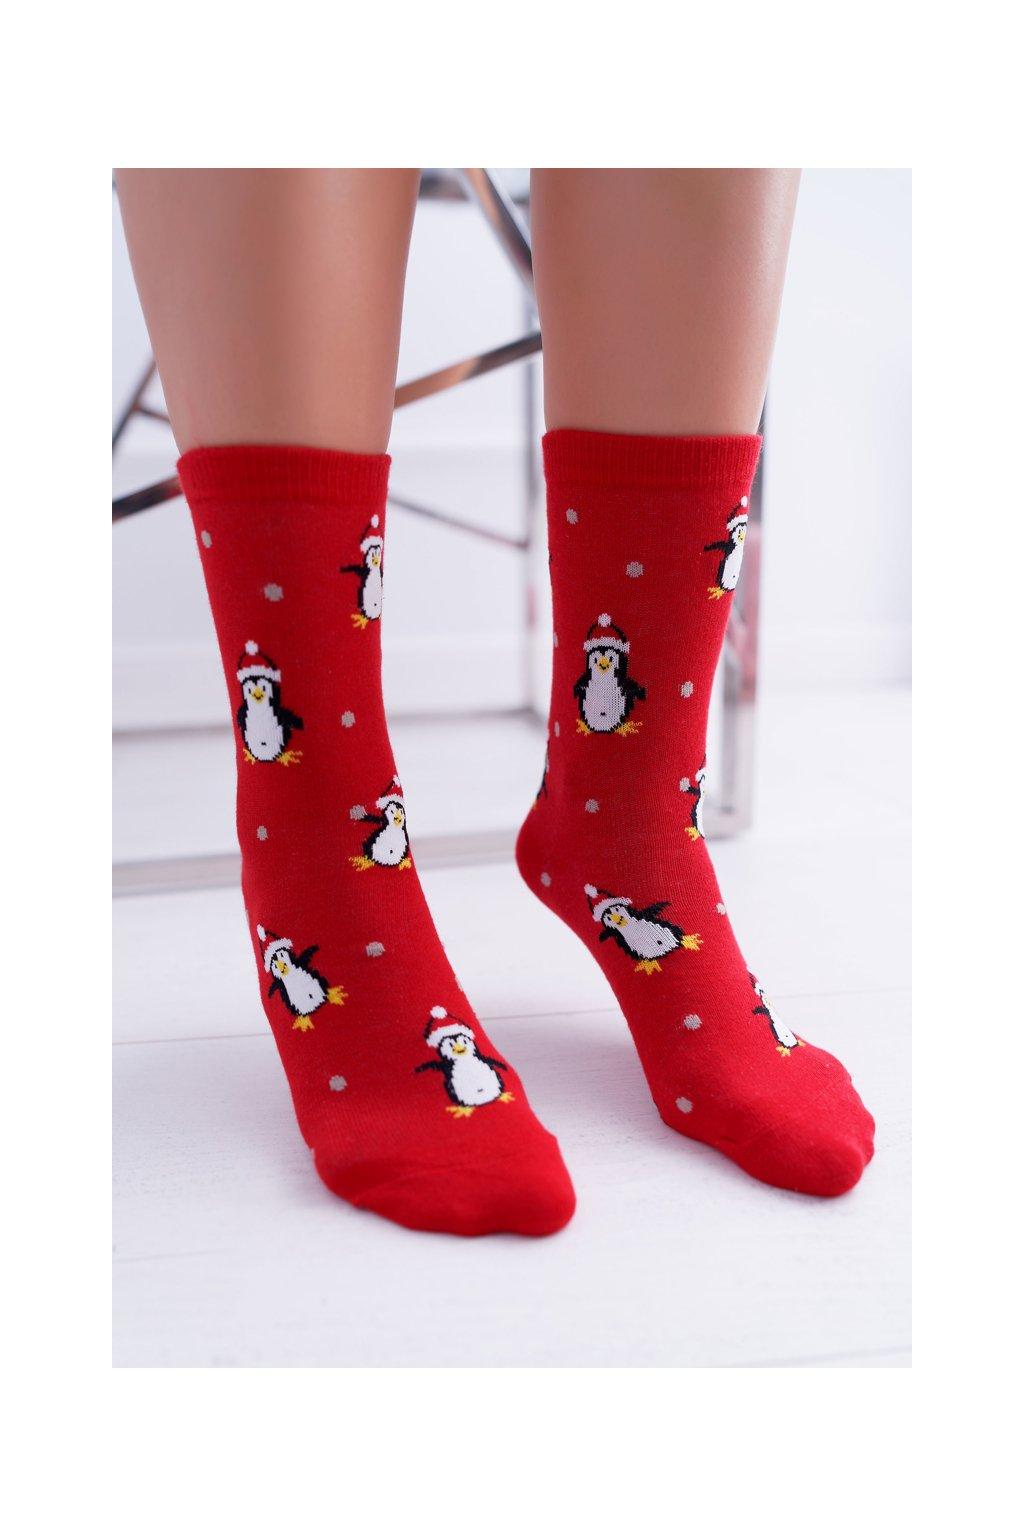 Dámske ponožky SOXO Červená s tučňáky